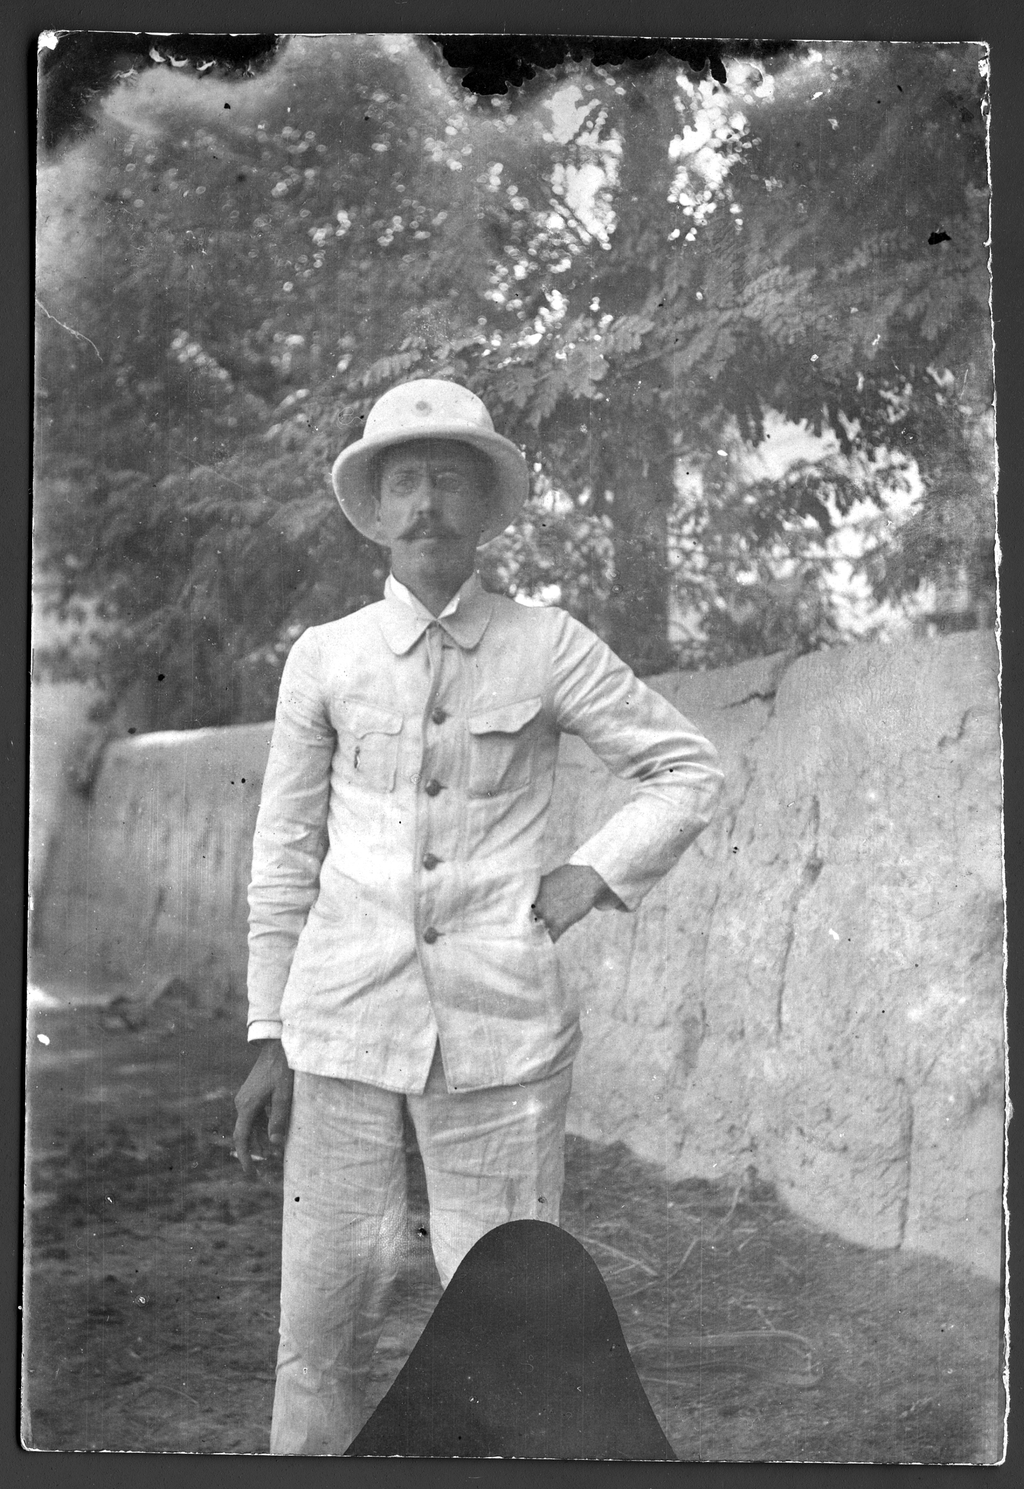 Павлов М. А. в экспедиции по Уралу